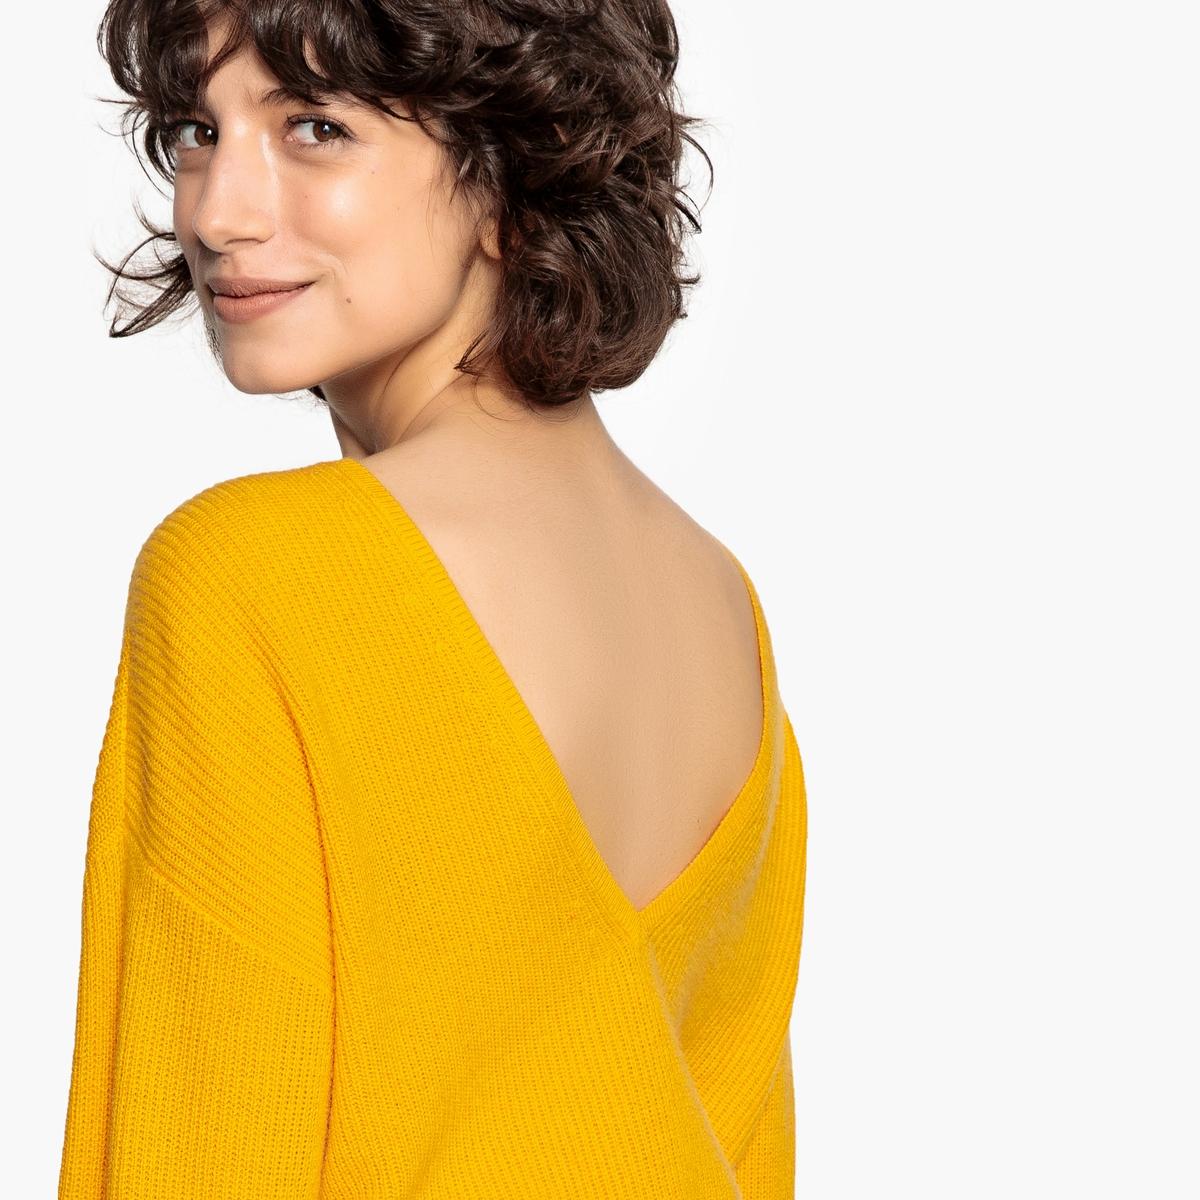 Jersey de cachemir con cuello de pico detrás o delante